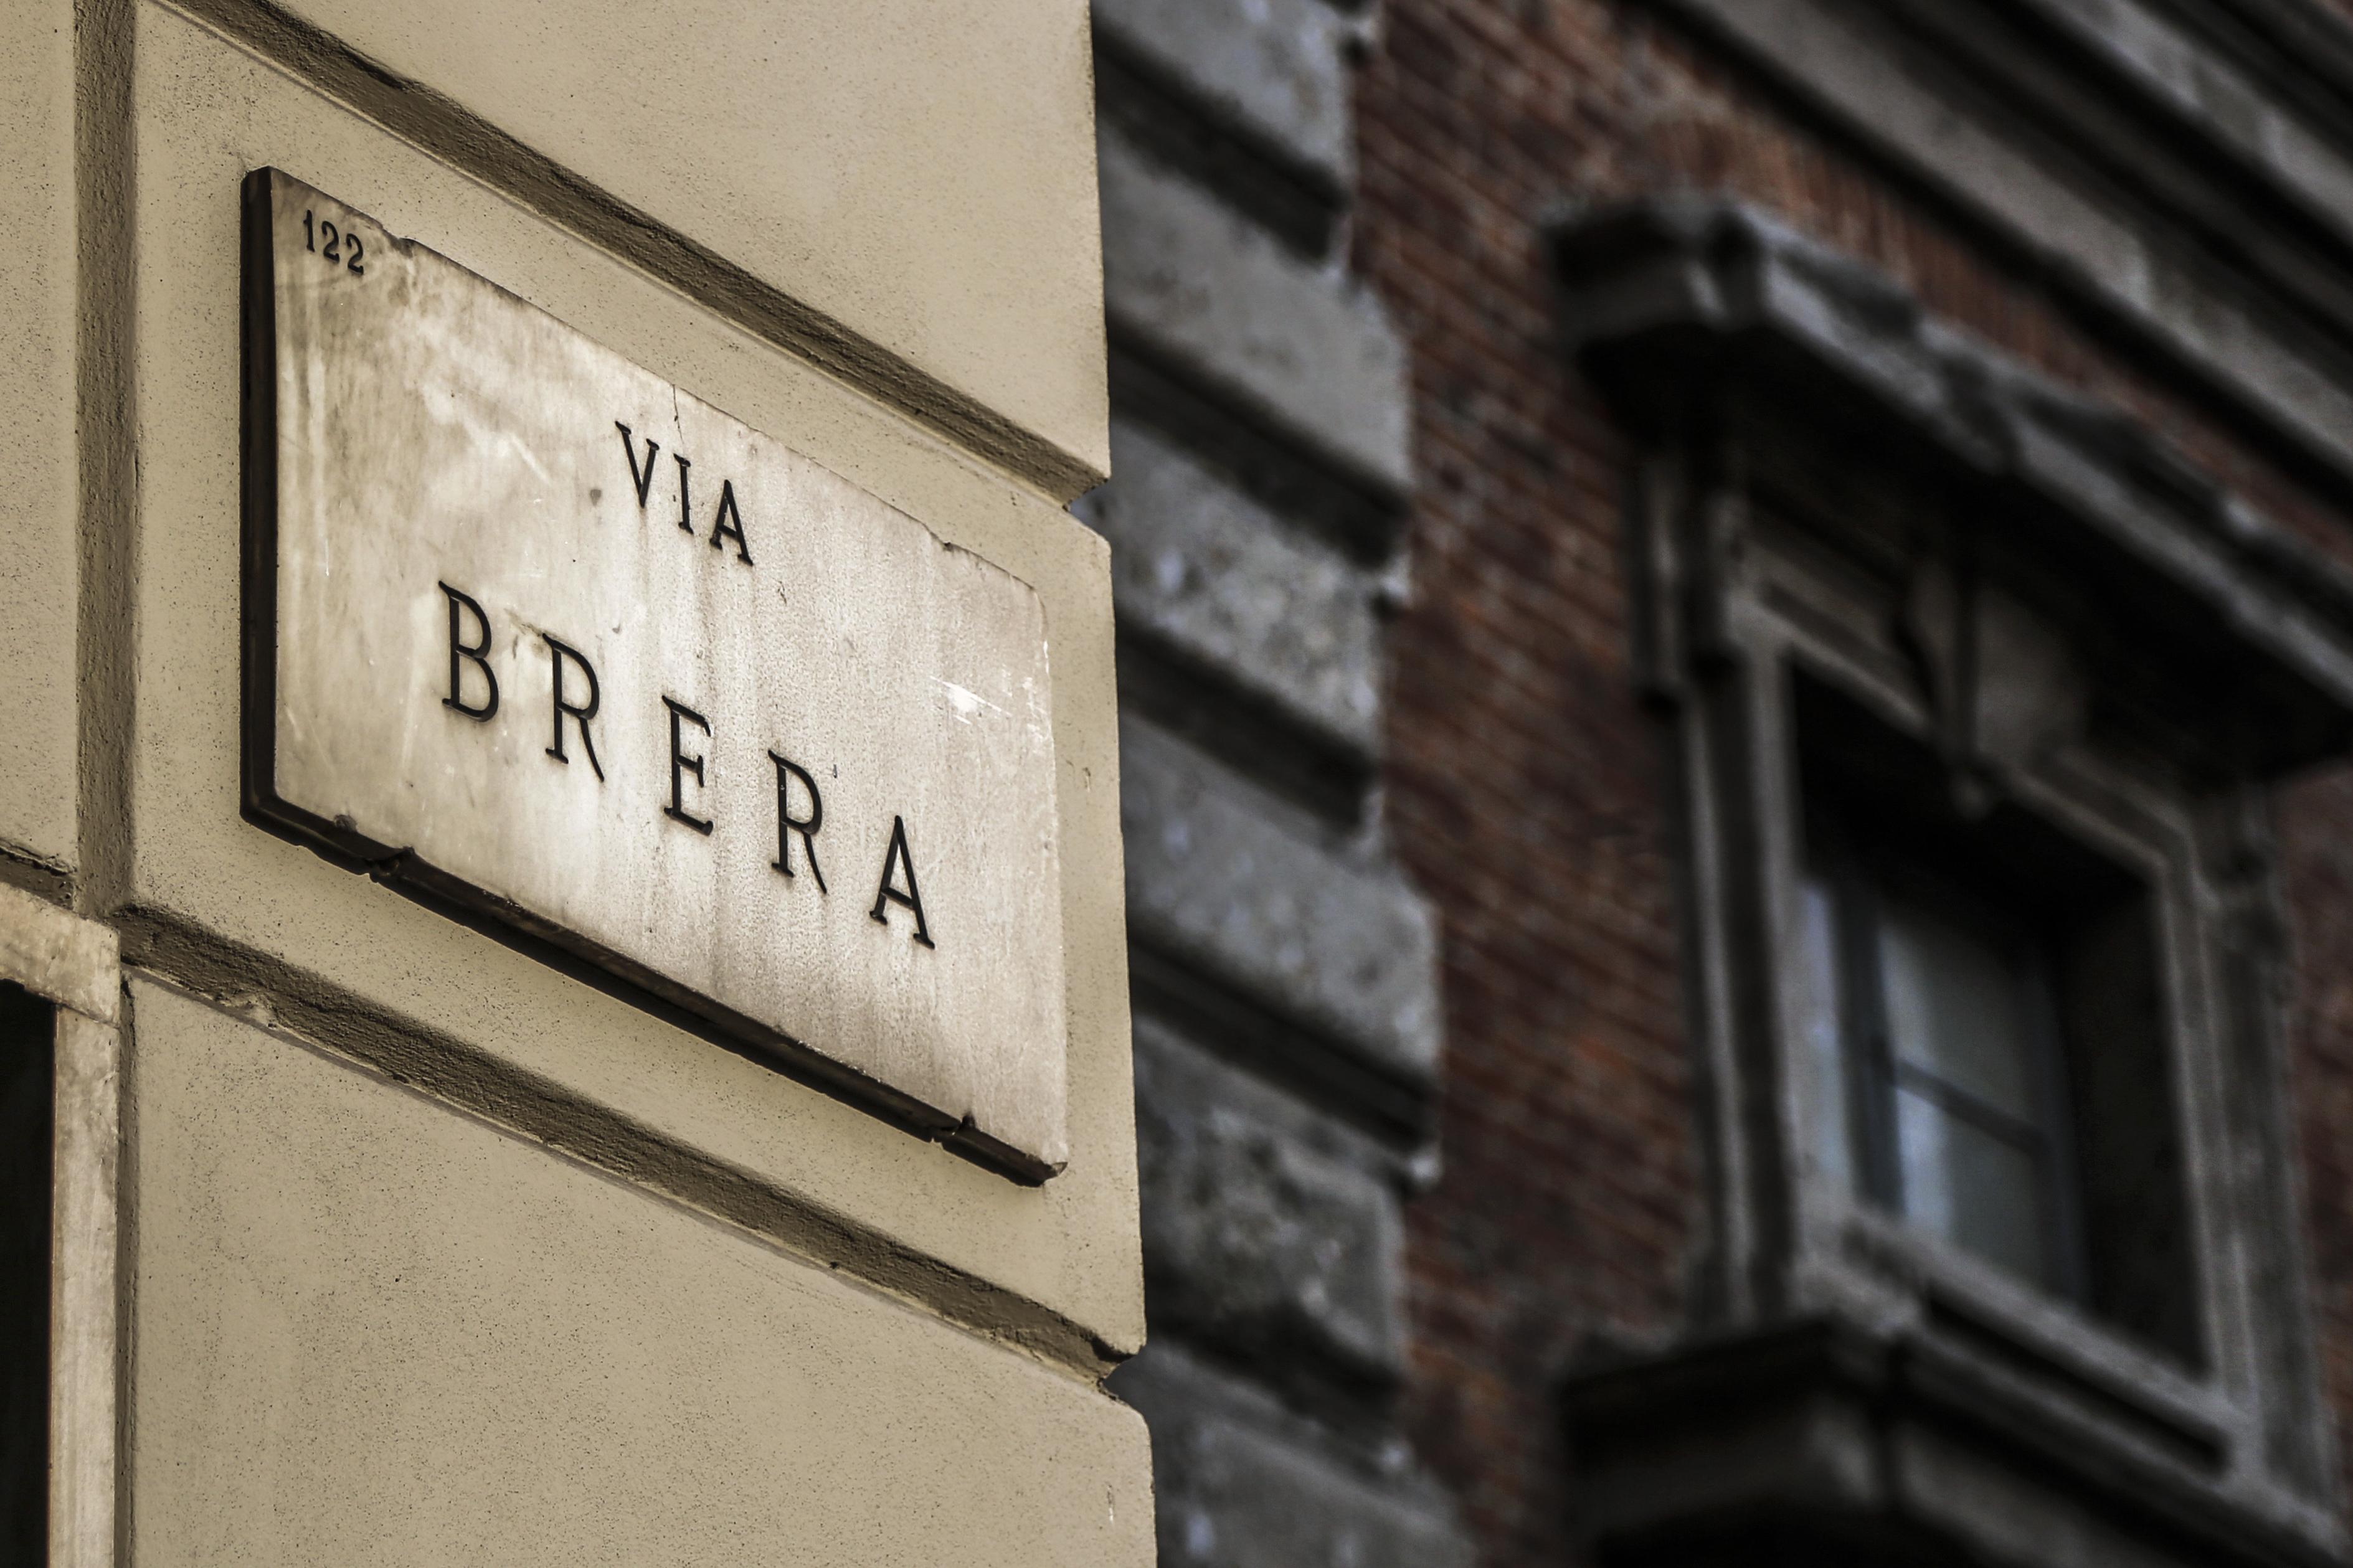 Perderse por Brera, el barrio bohemio y señorial de Milán - Italia Circuito Italia Bella: de Milán a Roma